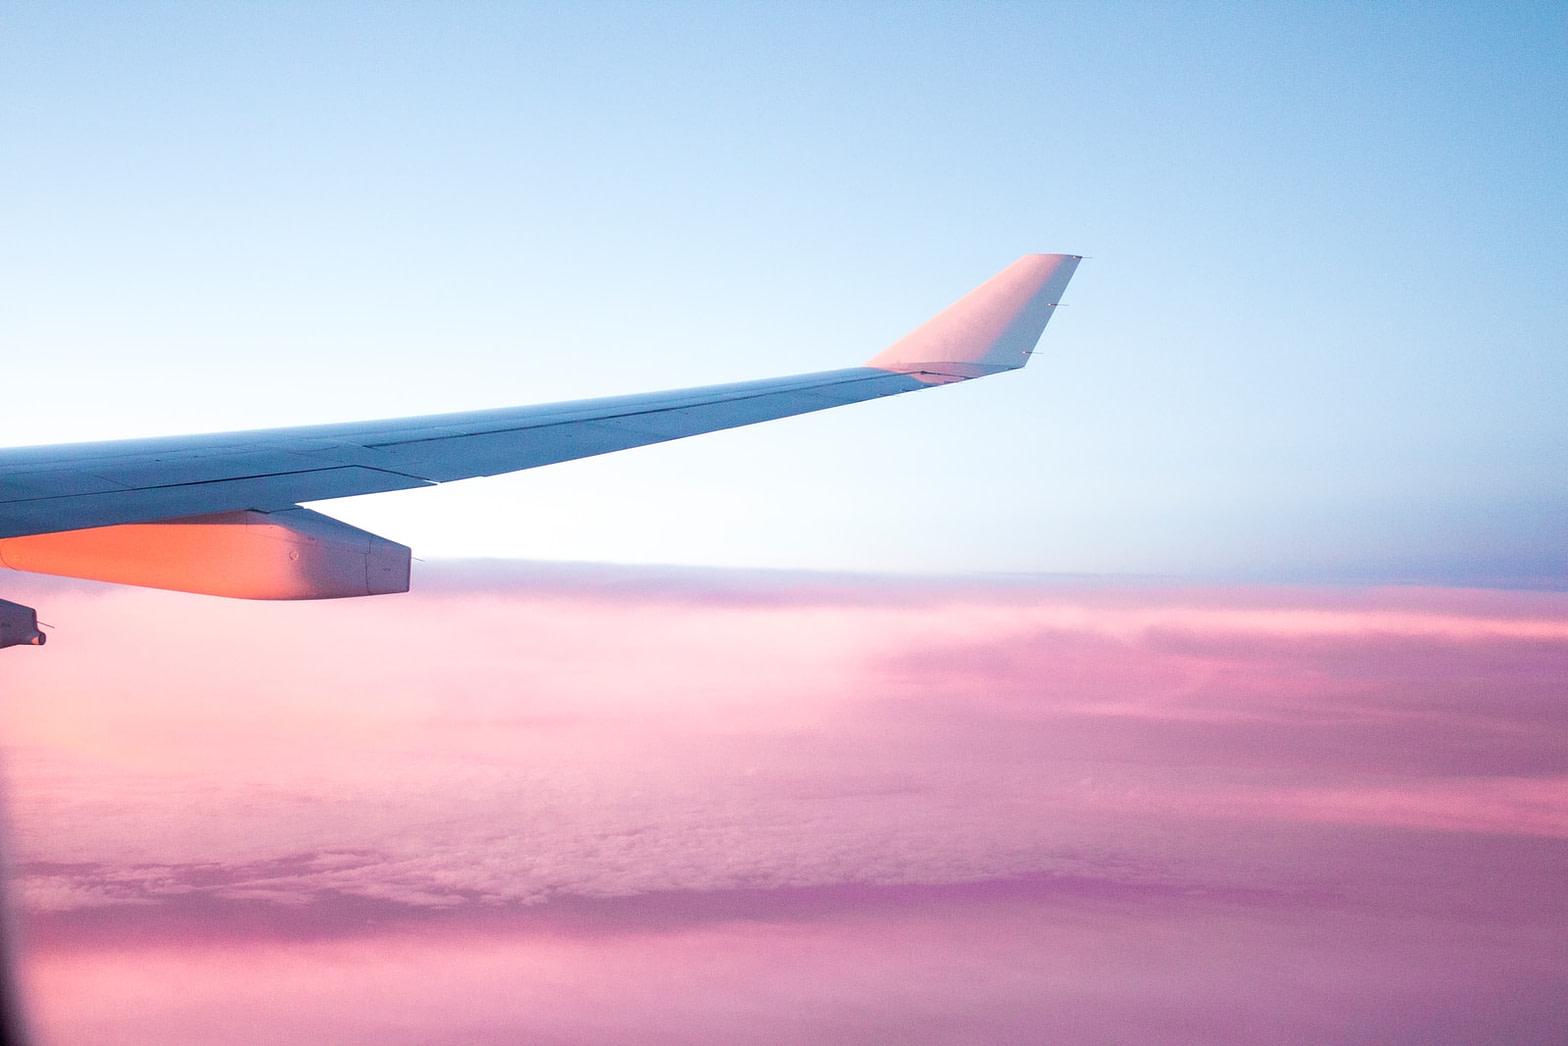 رحلات طيران كازابلانكا جدة CMN JED